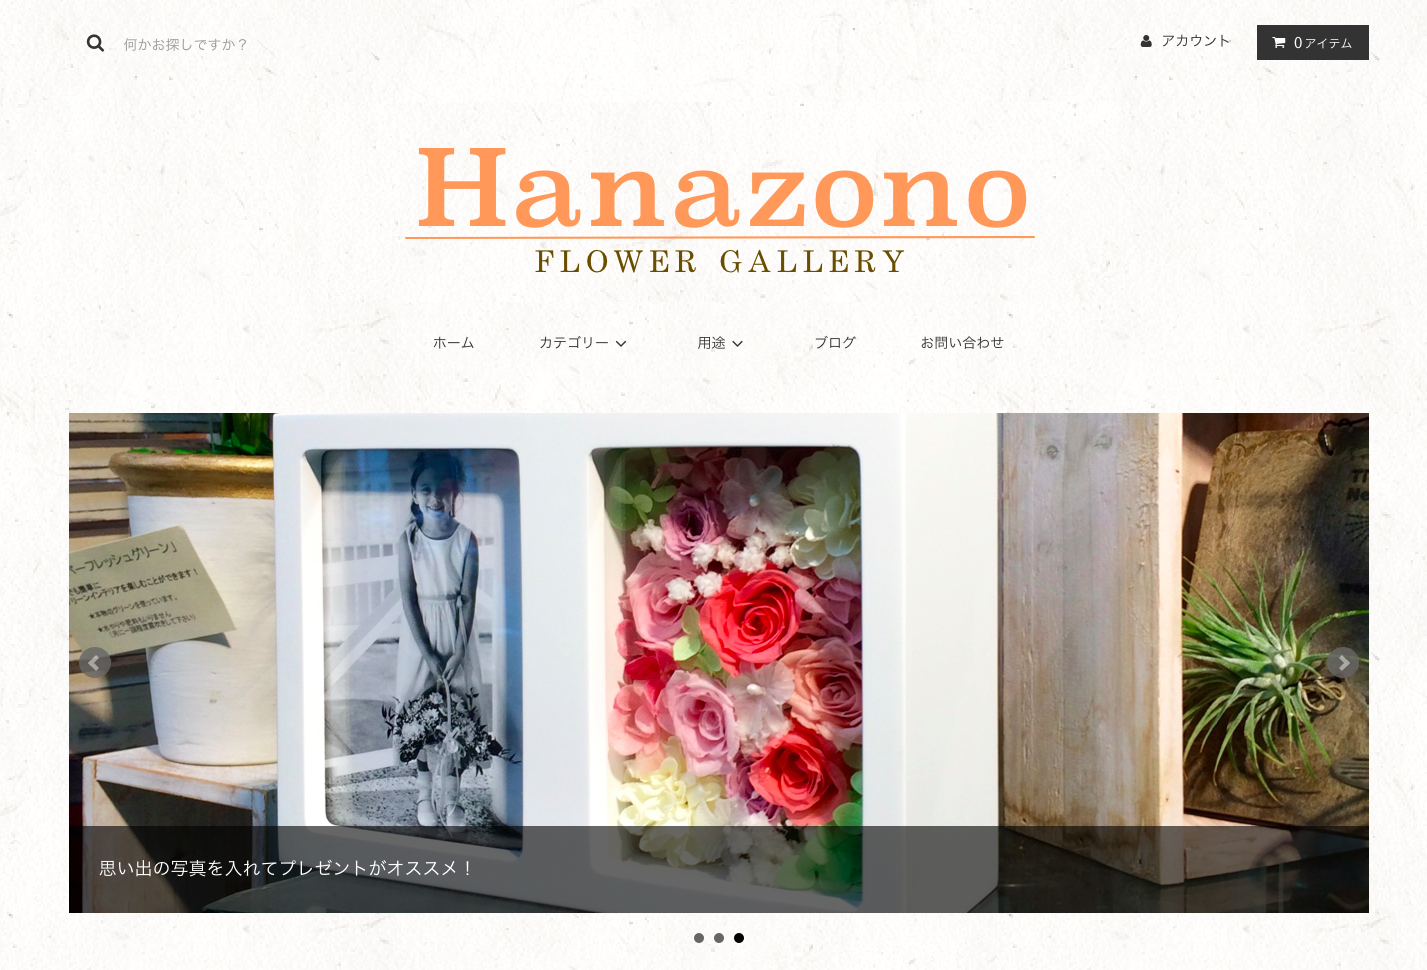 山形にある小さなお花屋さんHANAZONO FLOWER GALLERYの通販サイトトップページです。